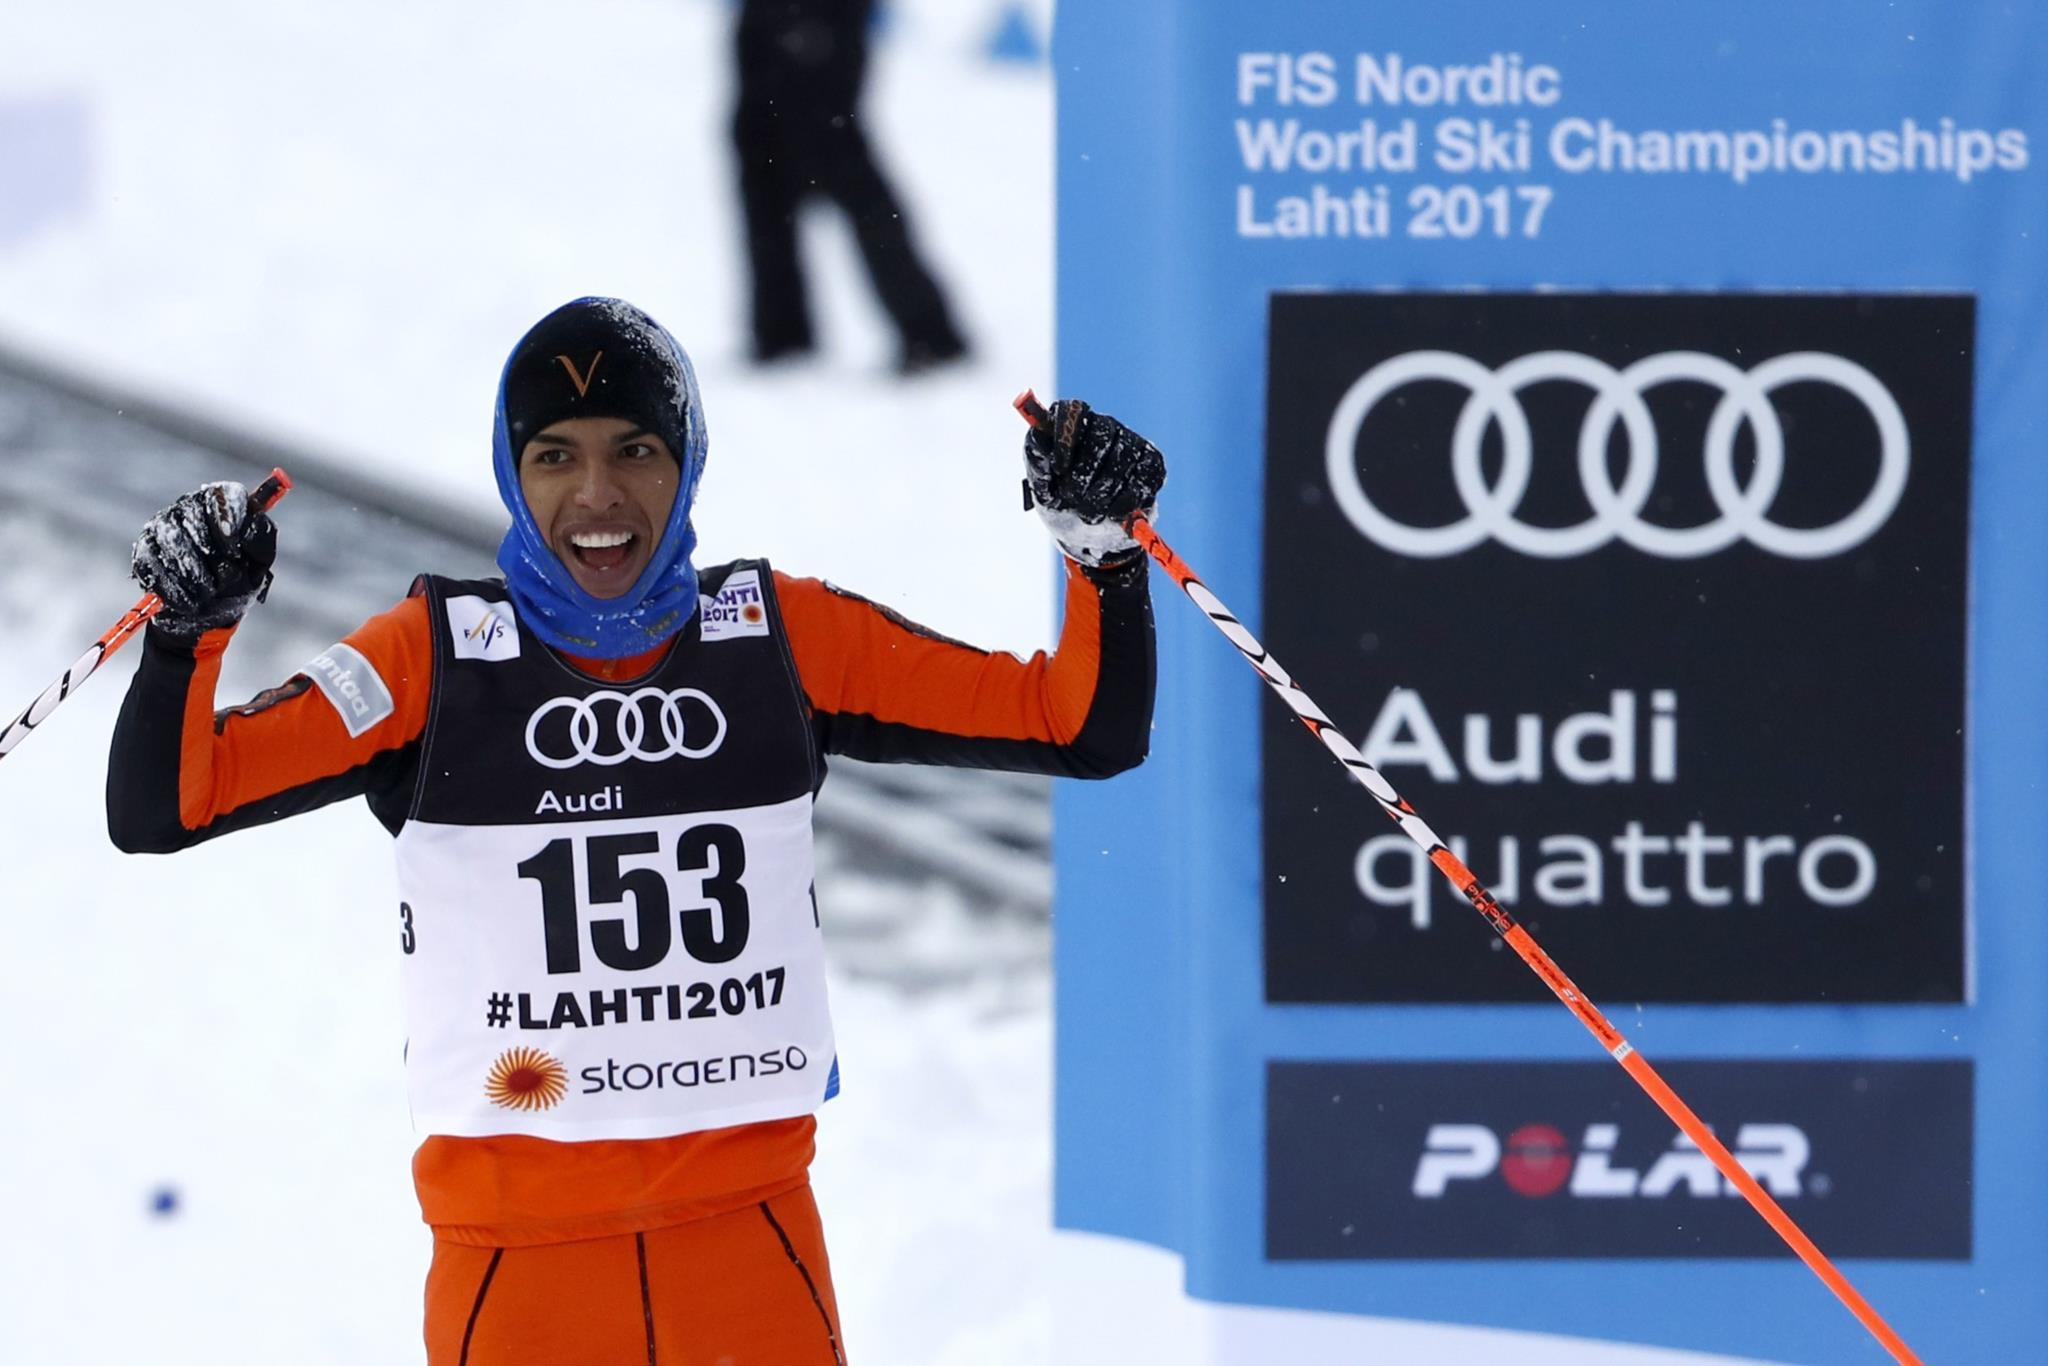 """PÚBLICO - O """"pior esquiador do mundo"""" nunca tinha visto neve"""